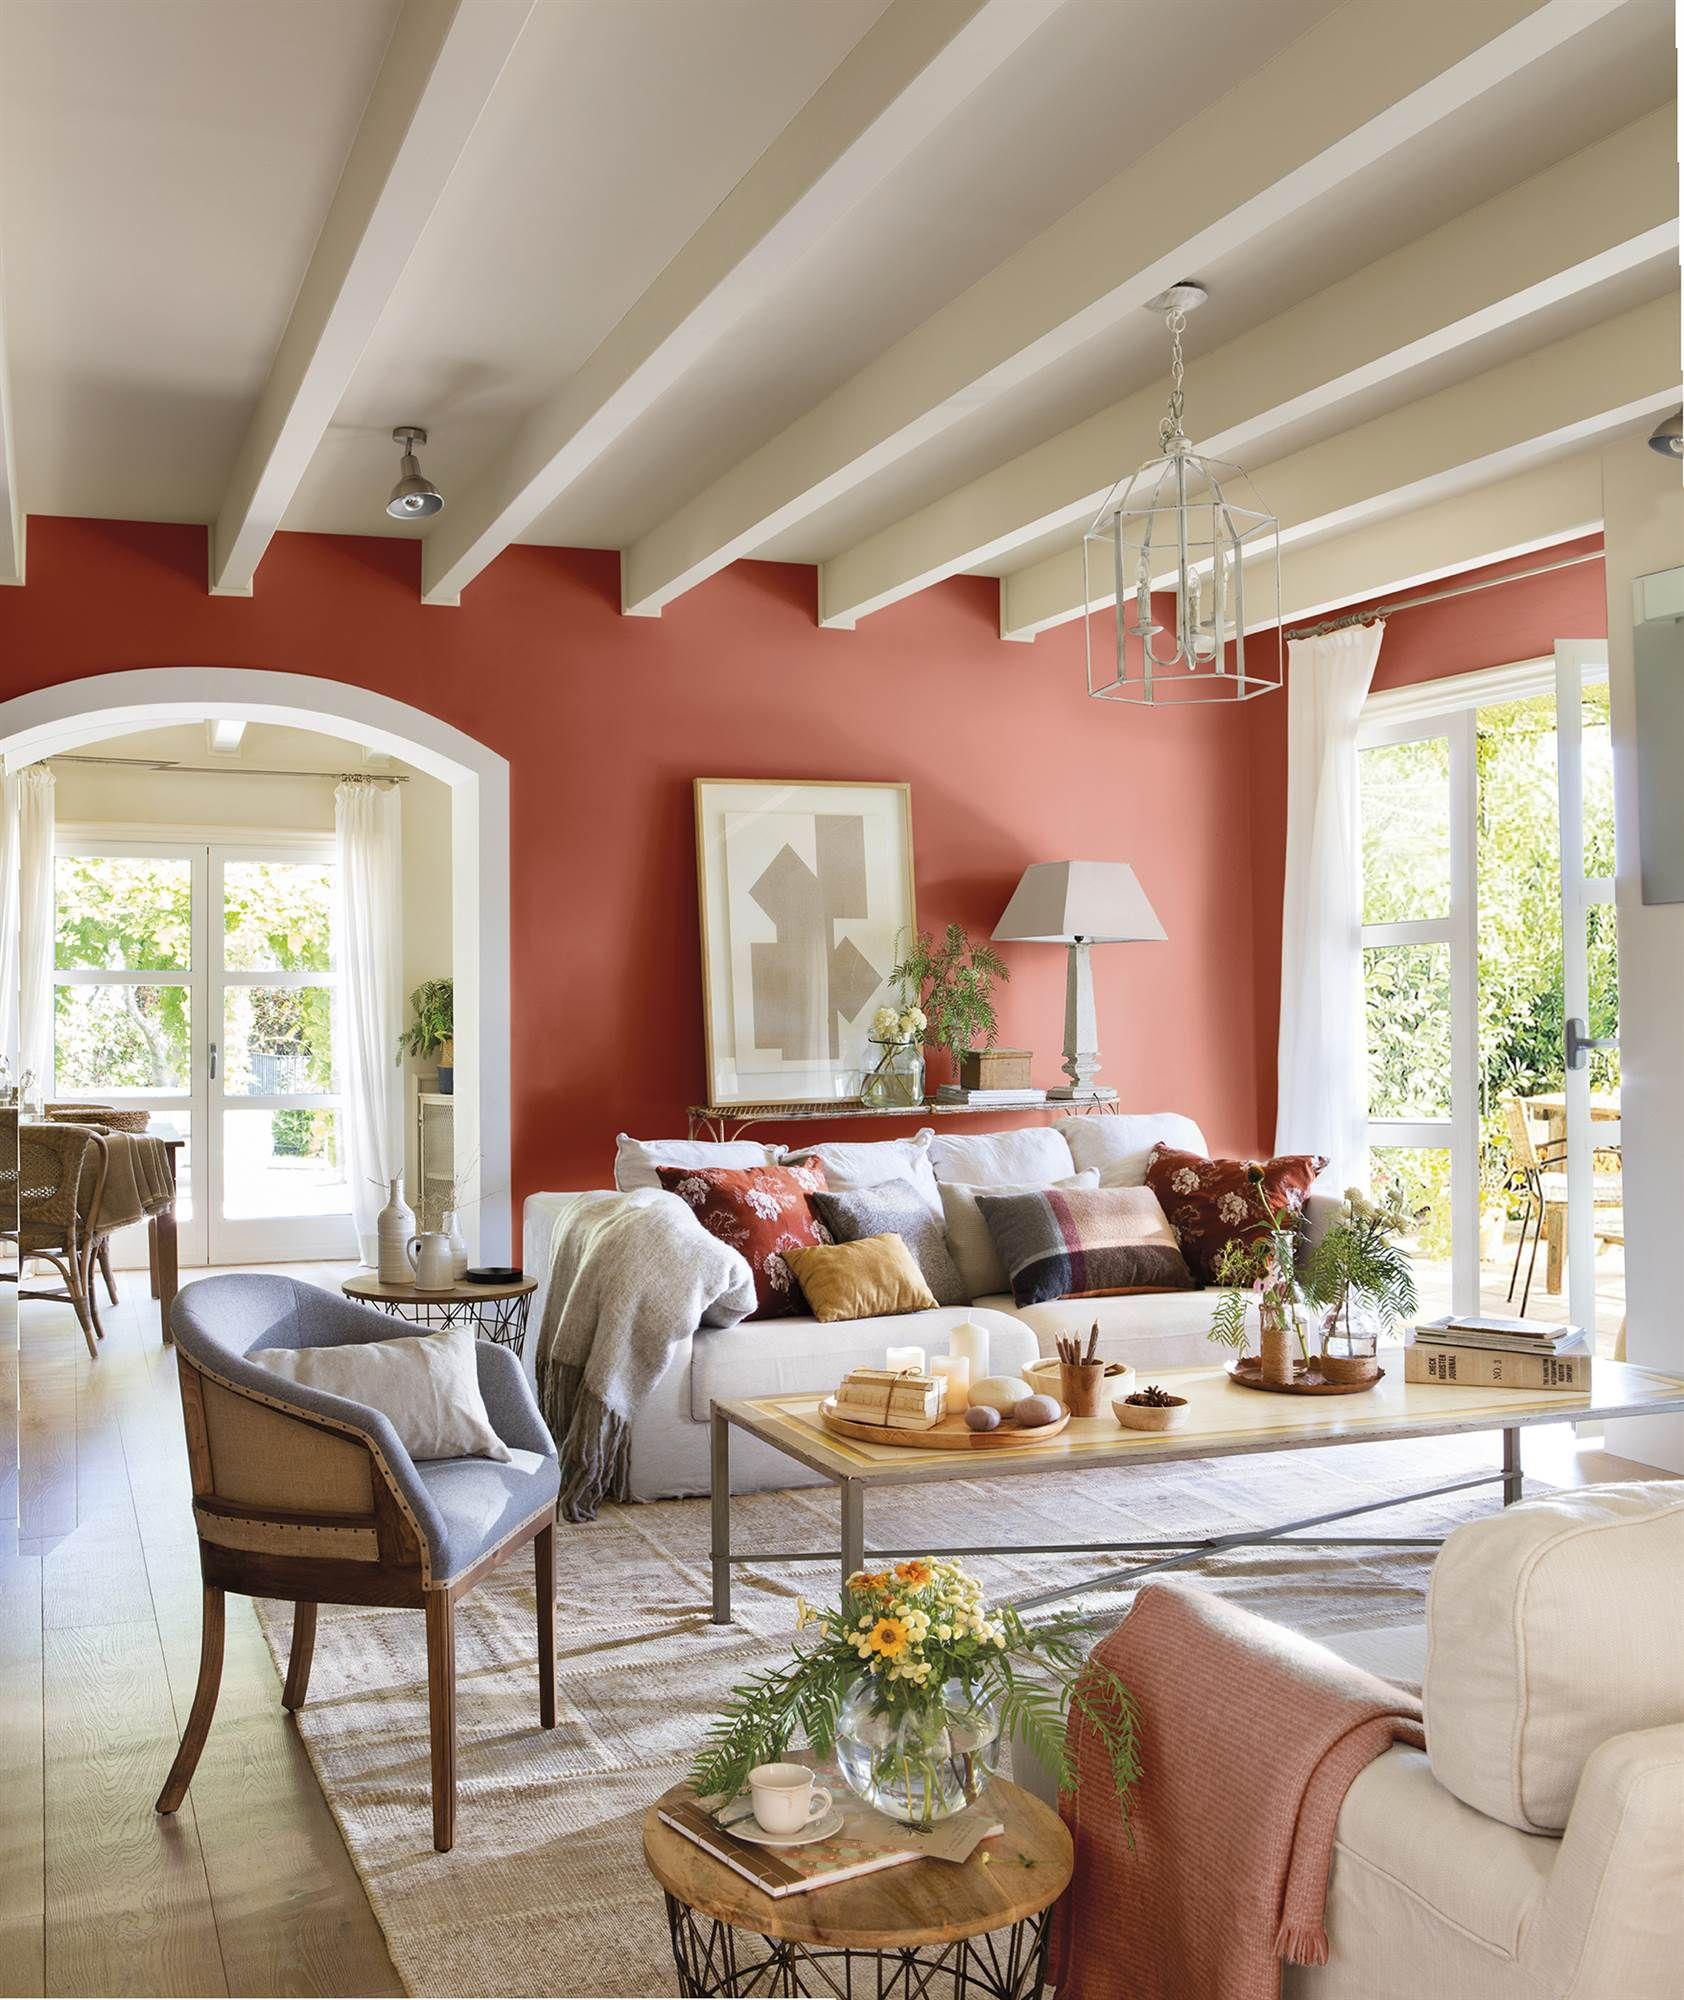 Saln con vigas blancas y paredes pintadas de color caldera00438066